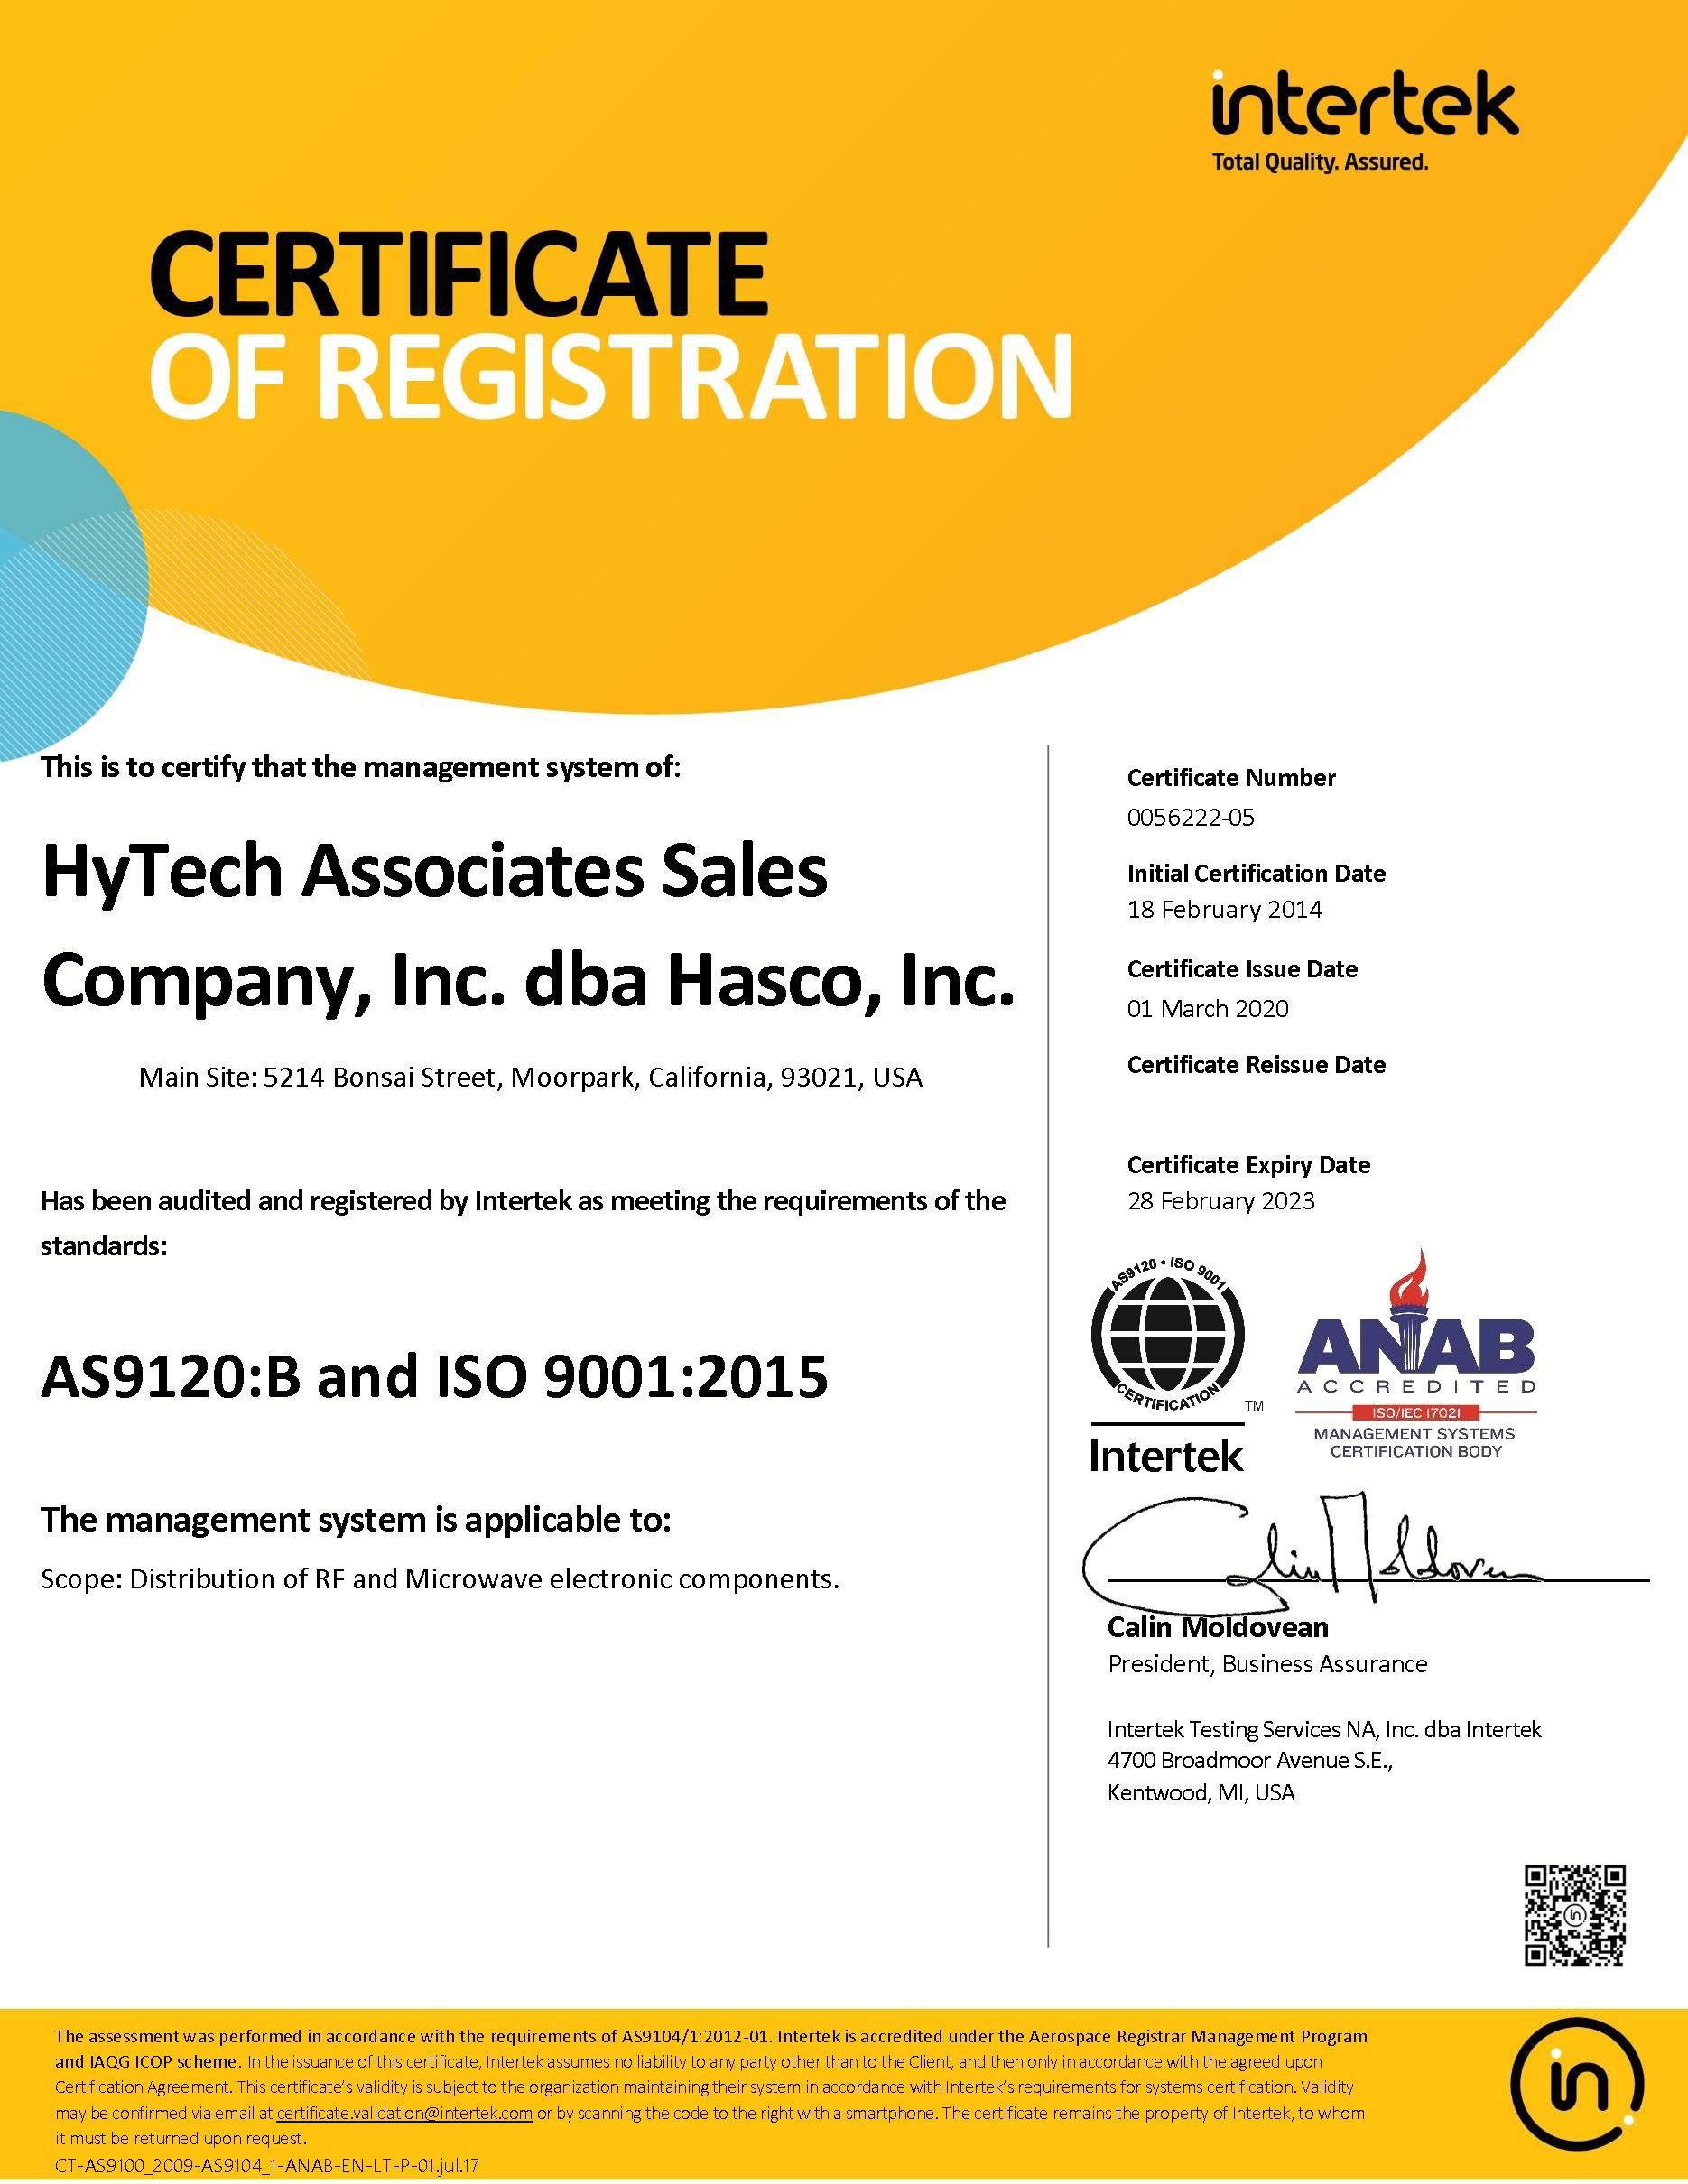 intertek-certificate-as9120b-exp-02-28-23.png